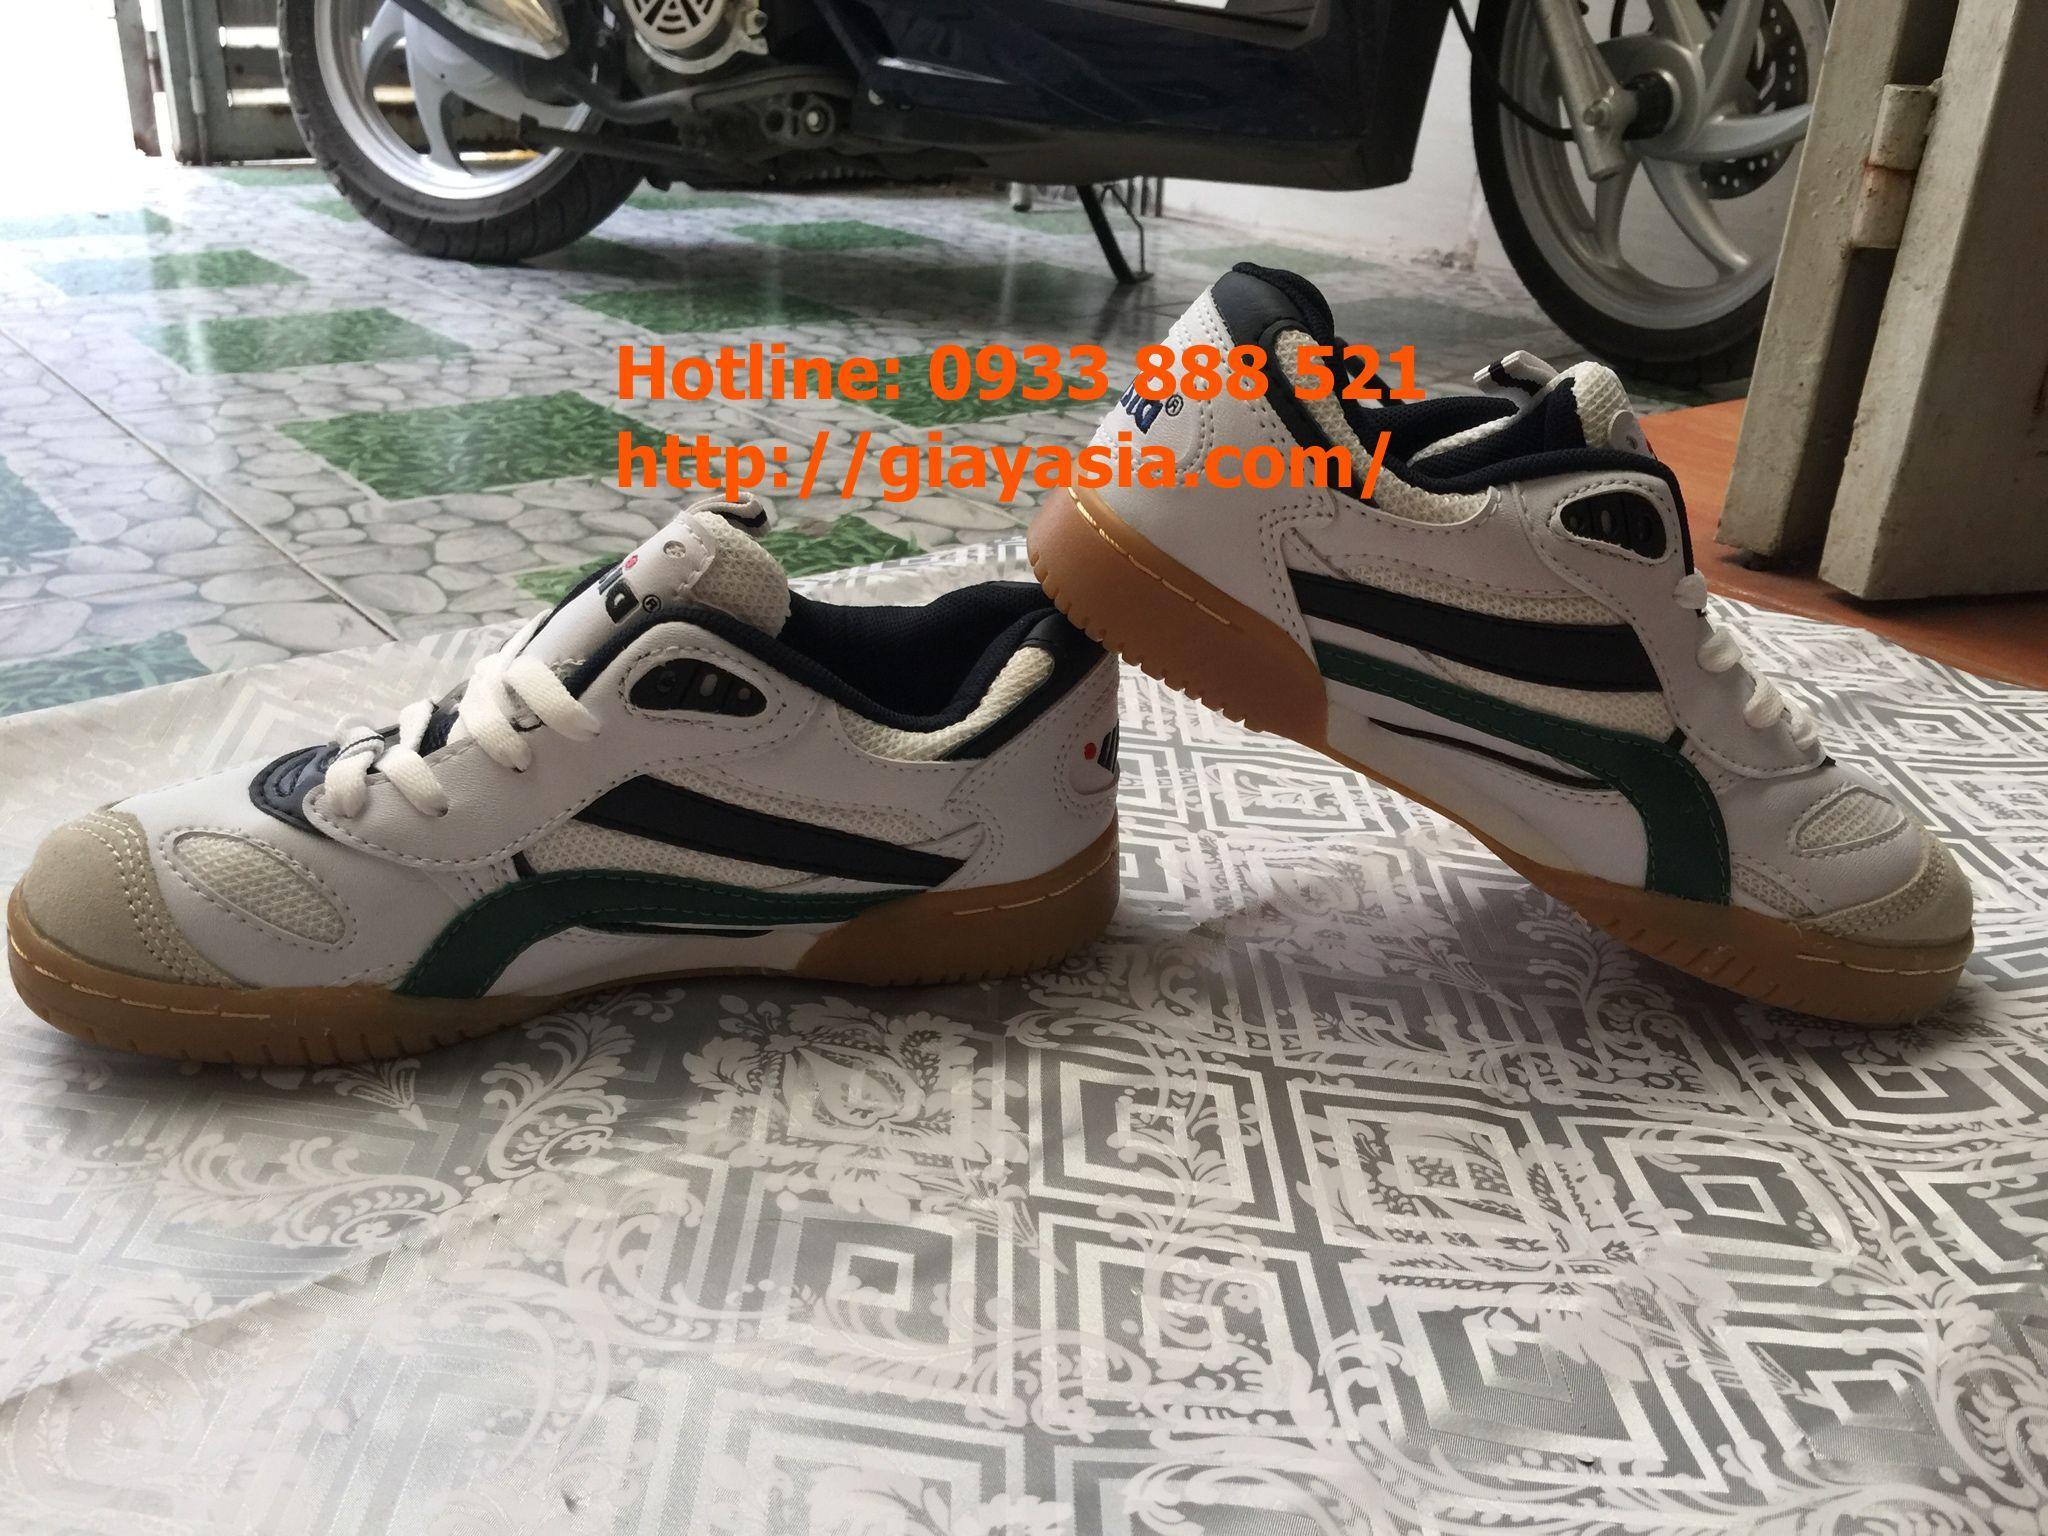 Giày asia cầu lông chuyên dụng